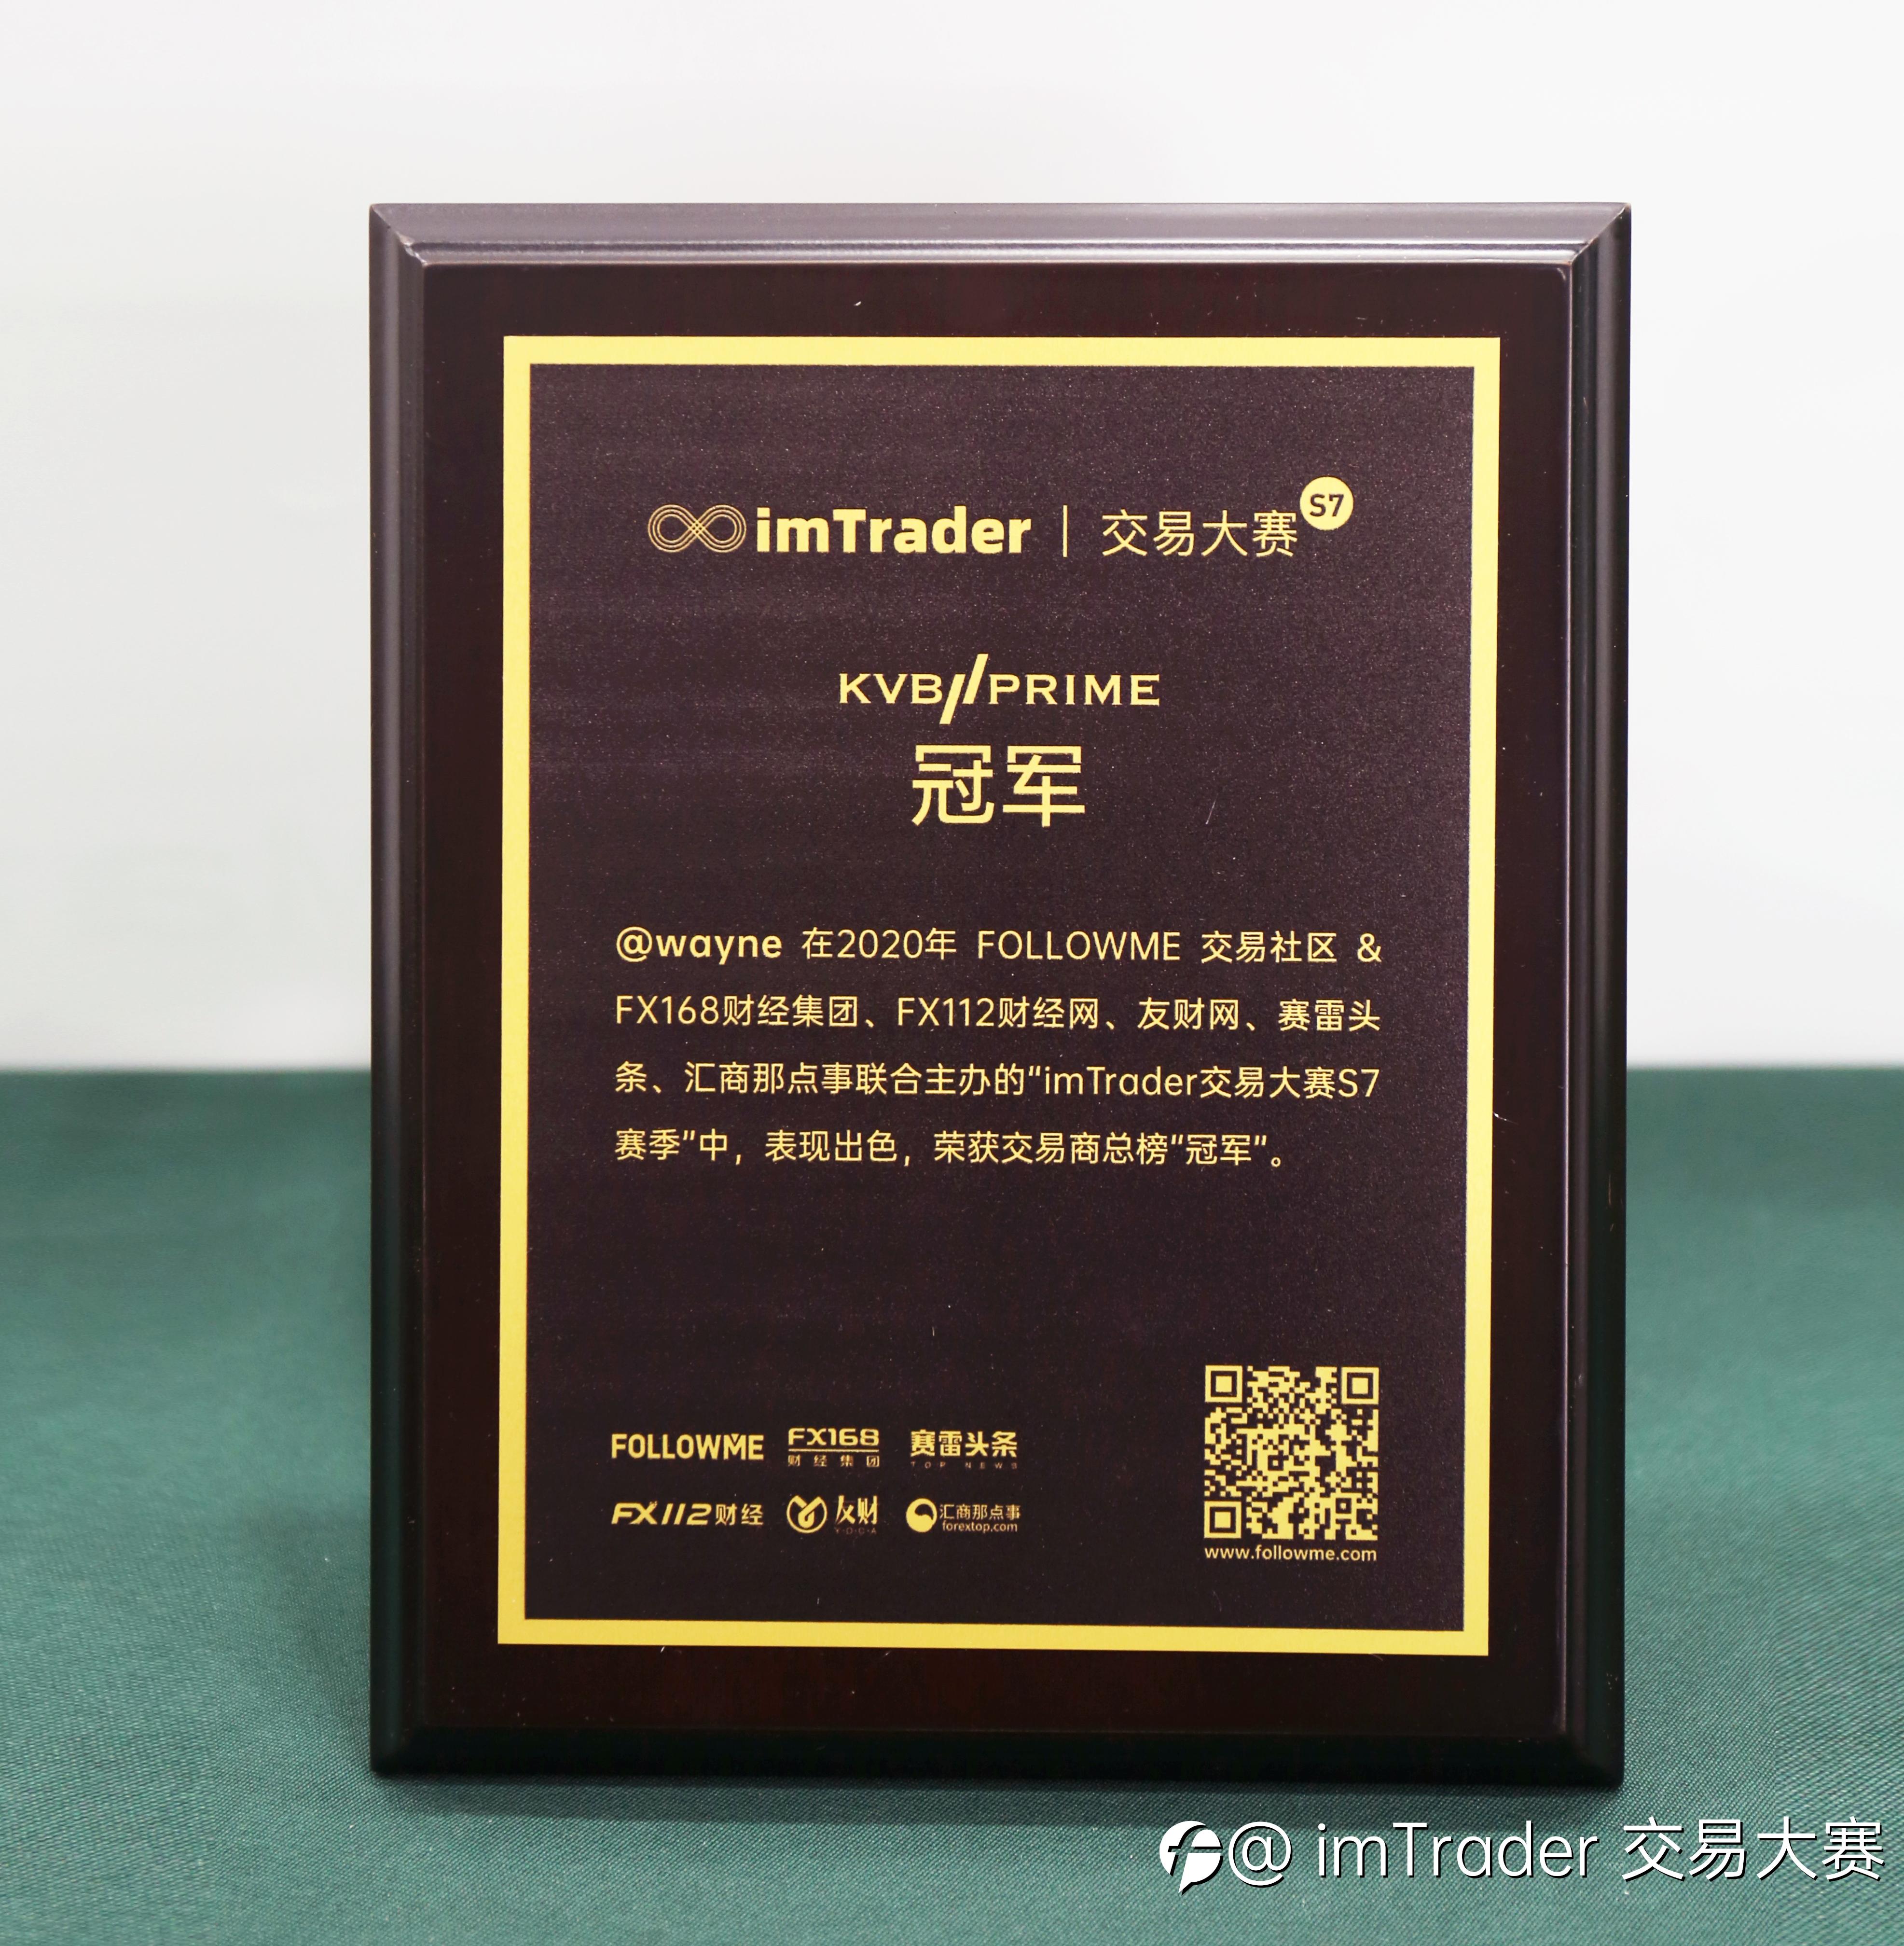 助力大赛圆满结束,KVB PRIME 专注黄金交易员@wayne 夺榜单冠军!